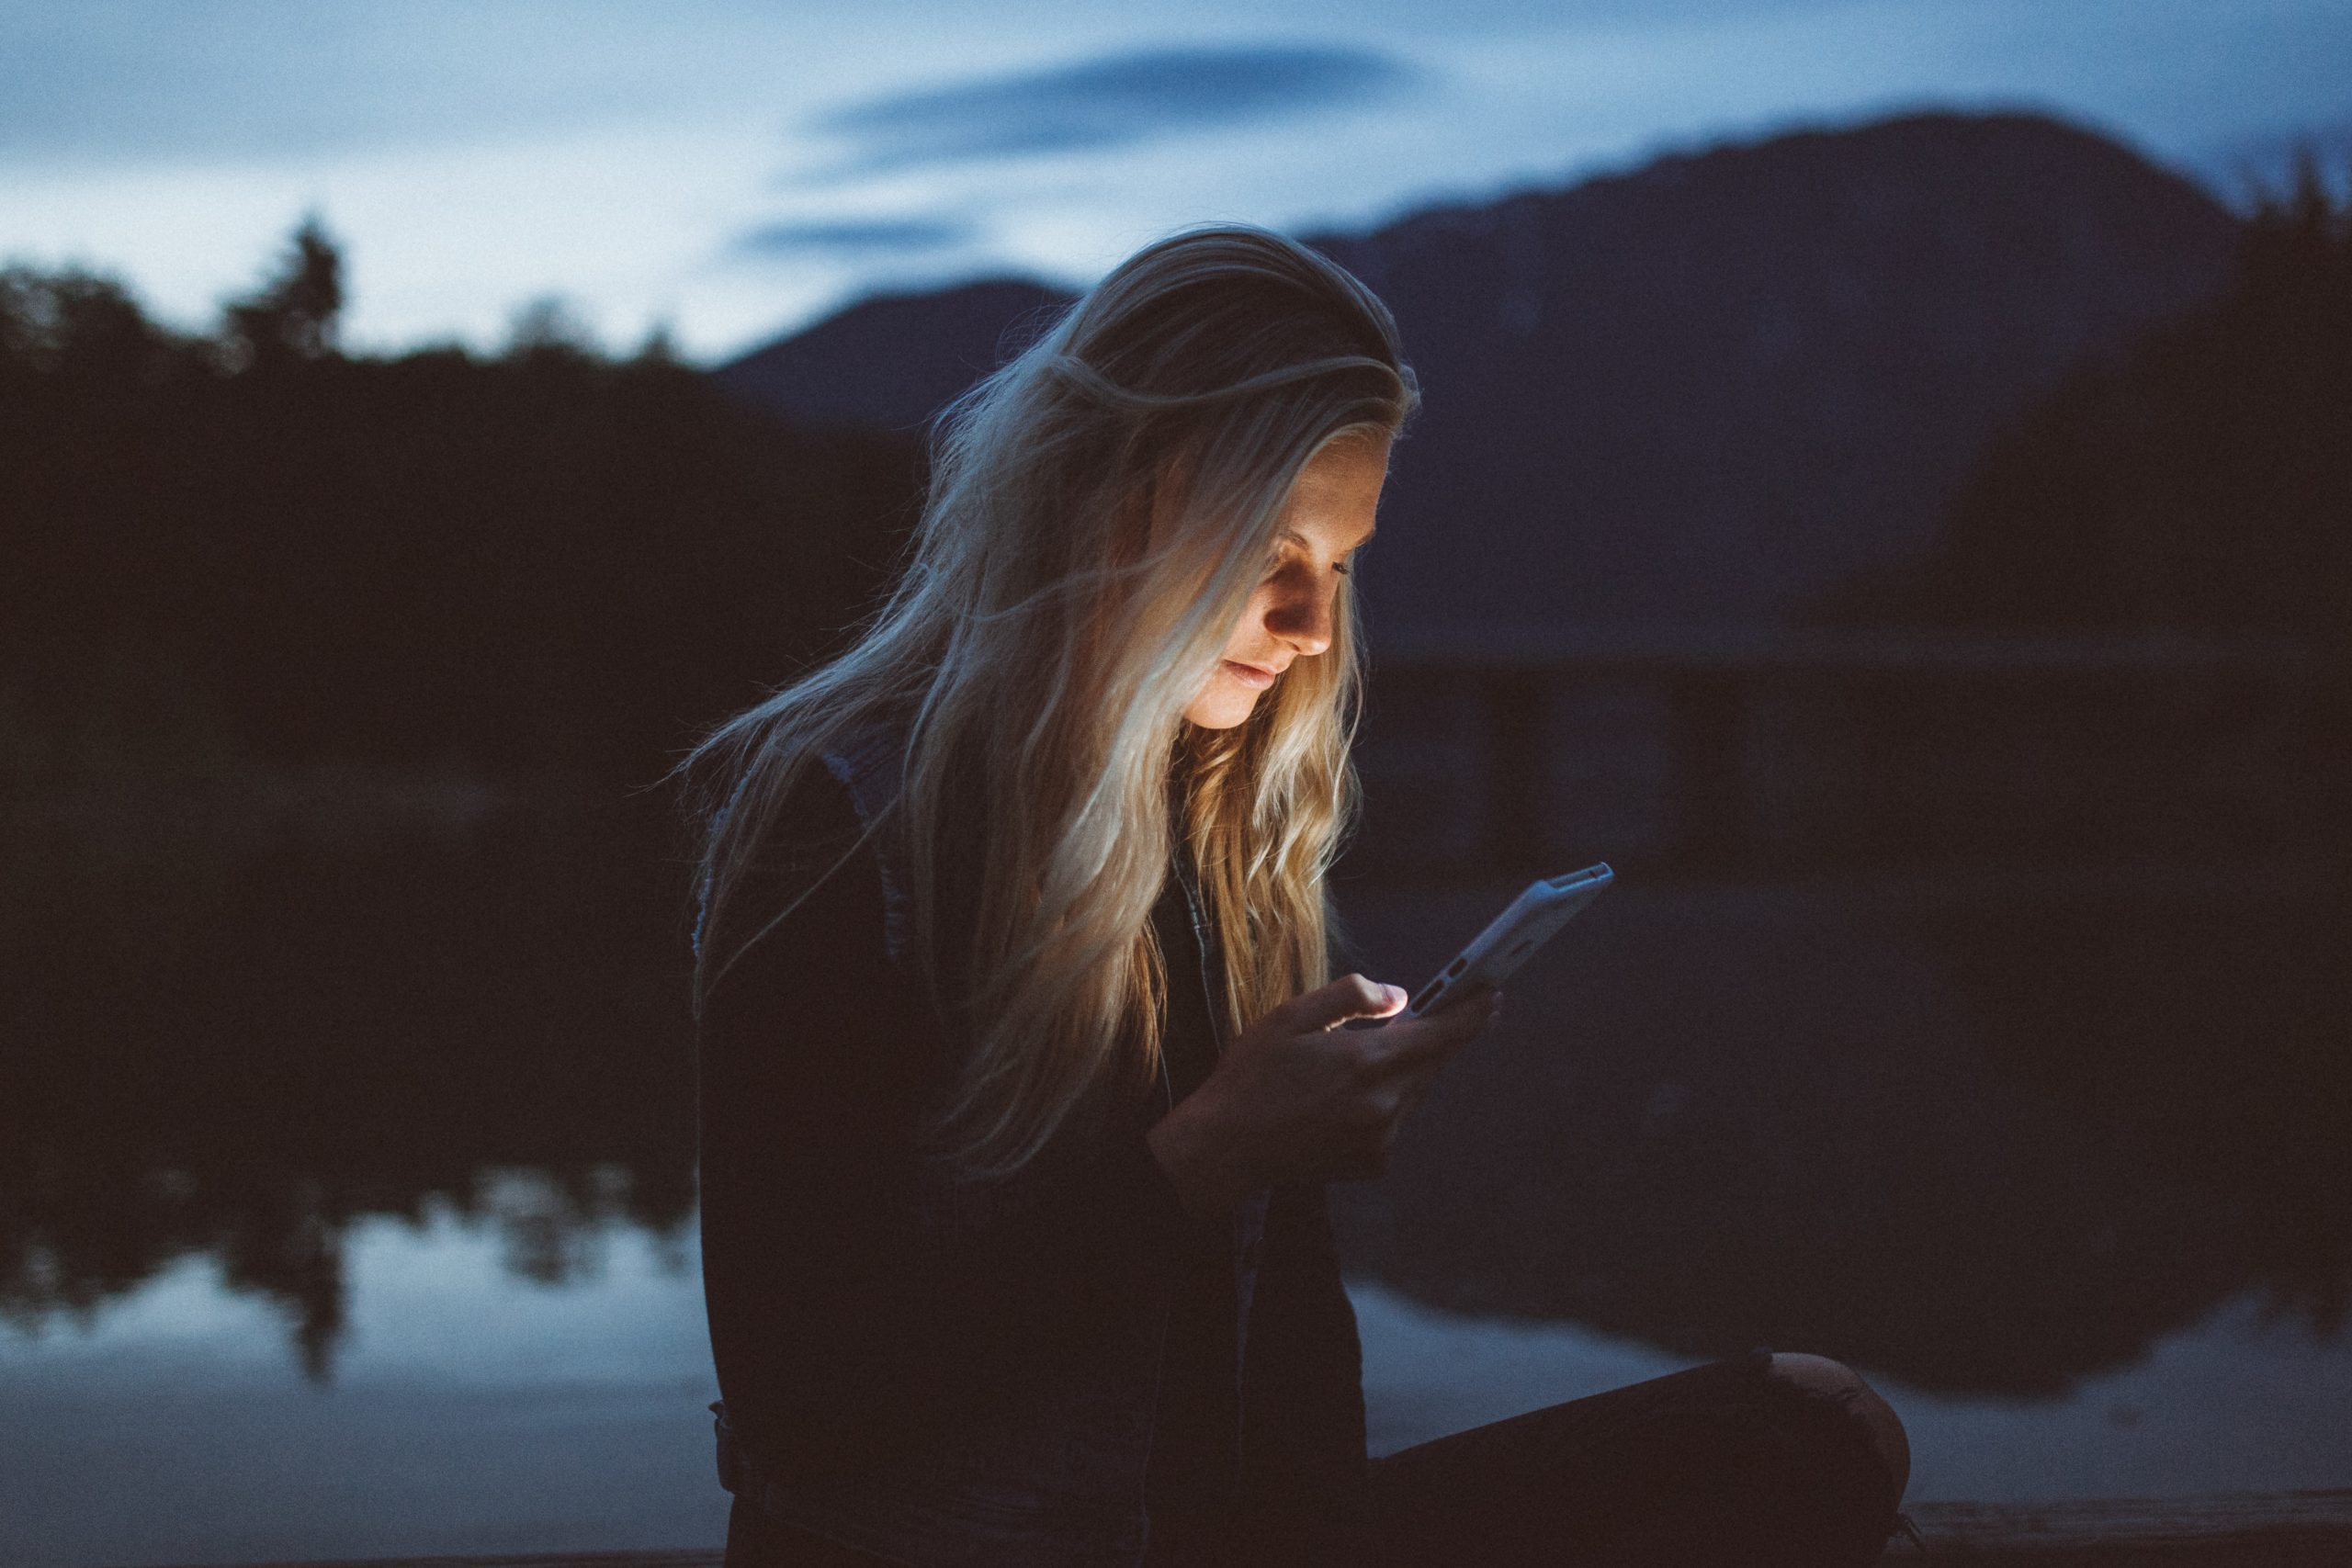 lady using phone at dusk